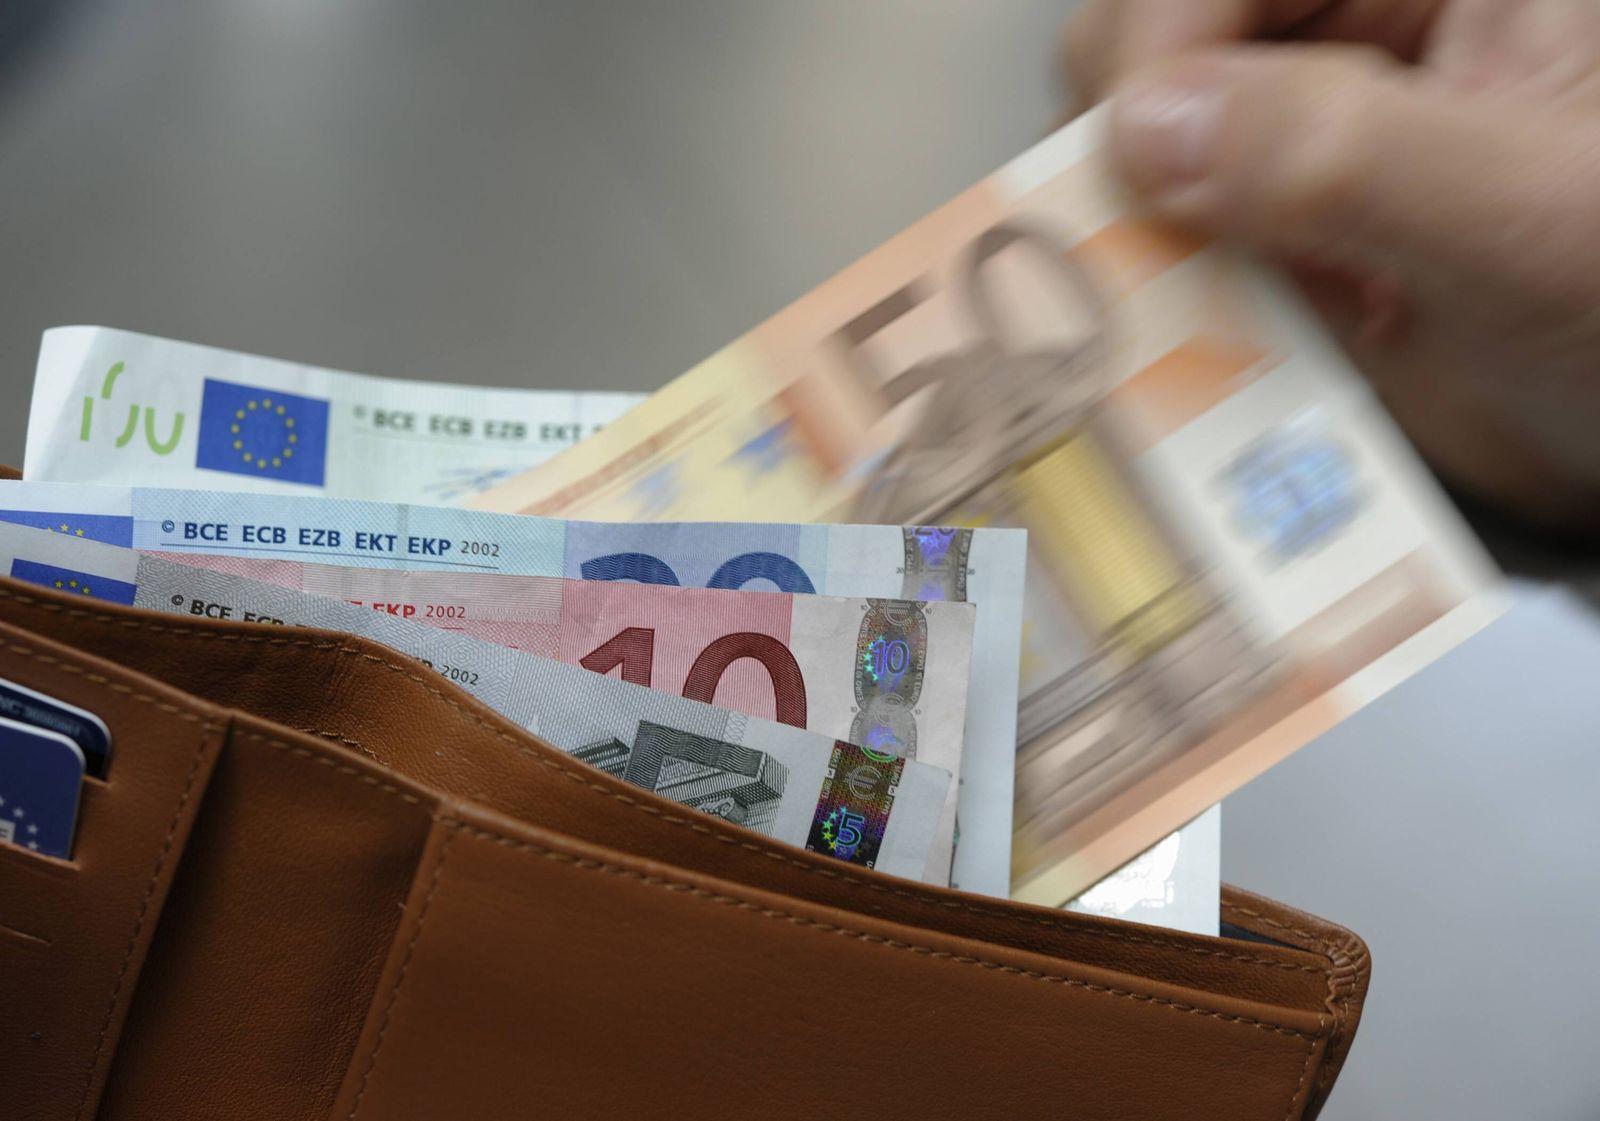 NICHT VERWENDEN Banknoten in der Geldboerse Portmonee Geld Euo